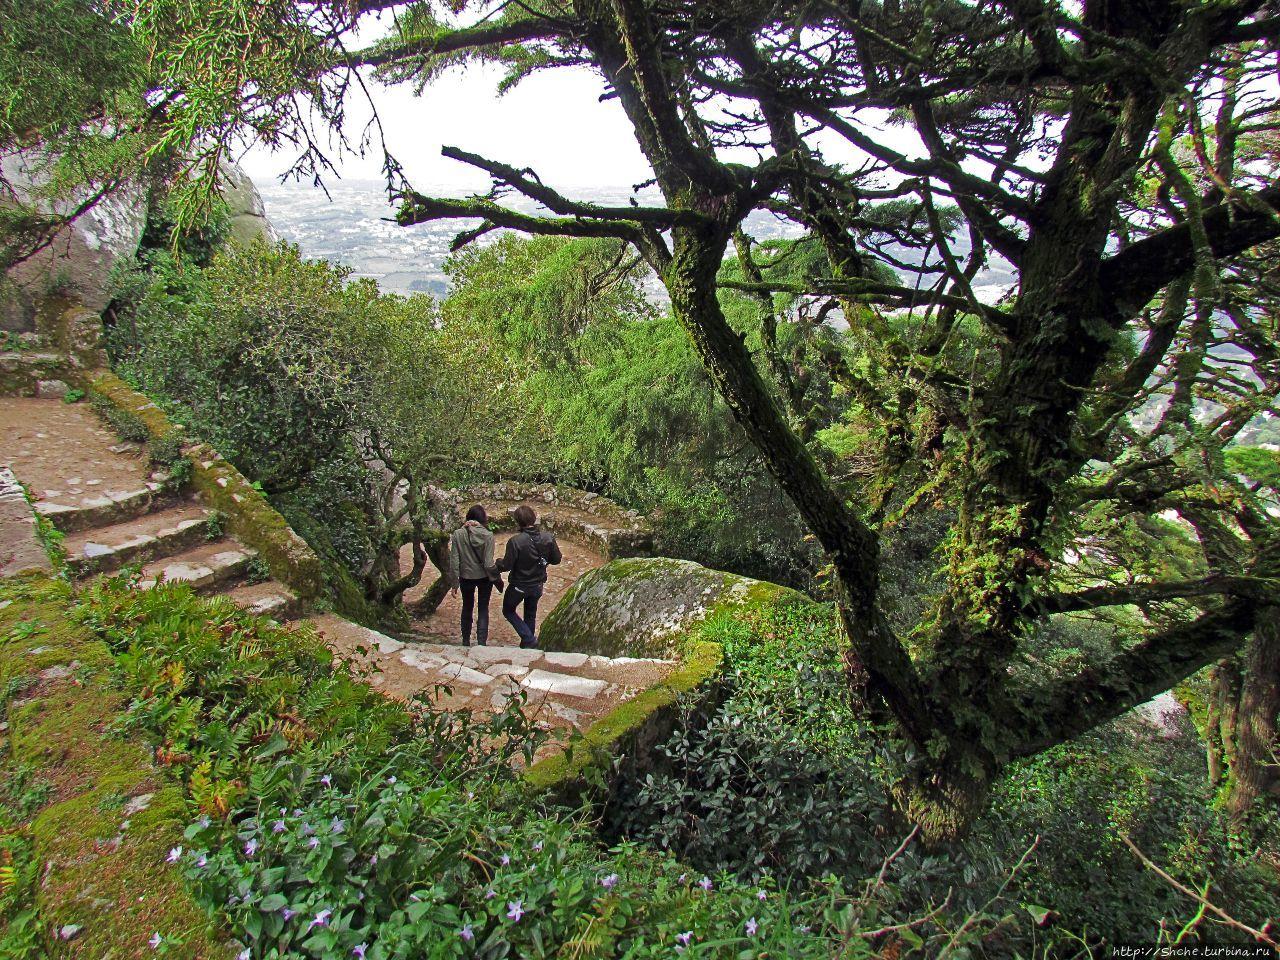 Живописная тропа в реликтовом лесу Синтры